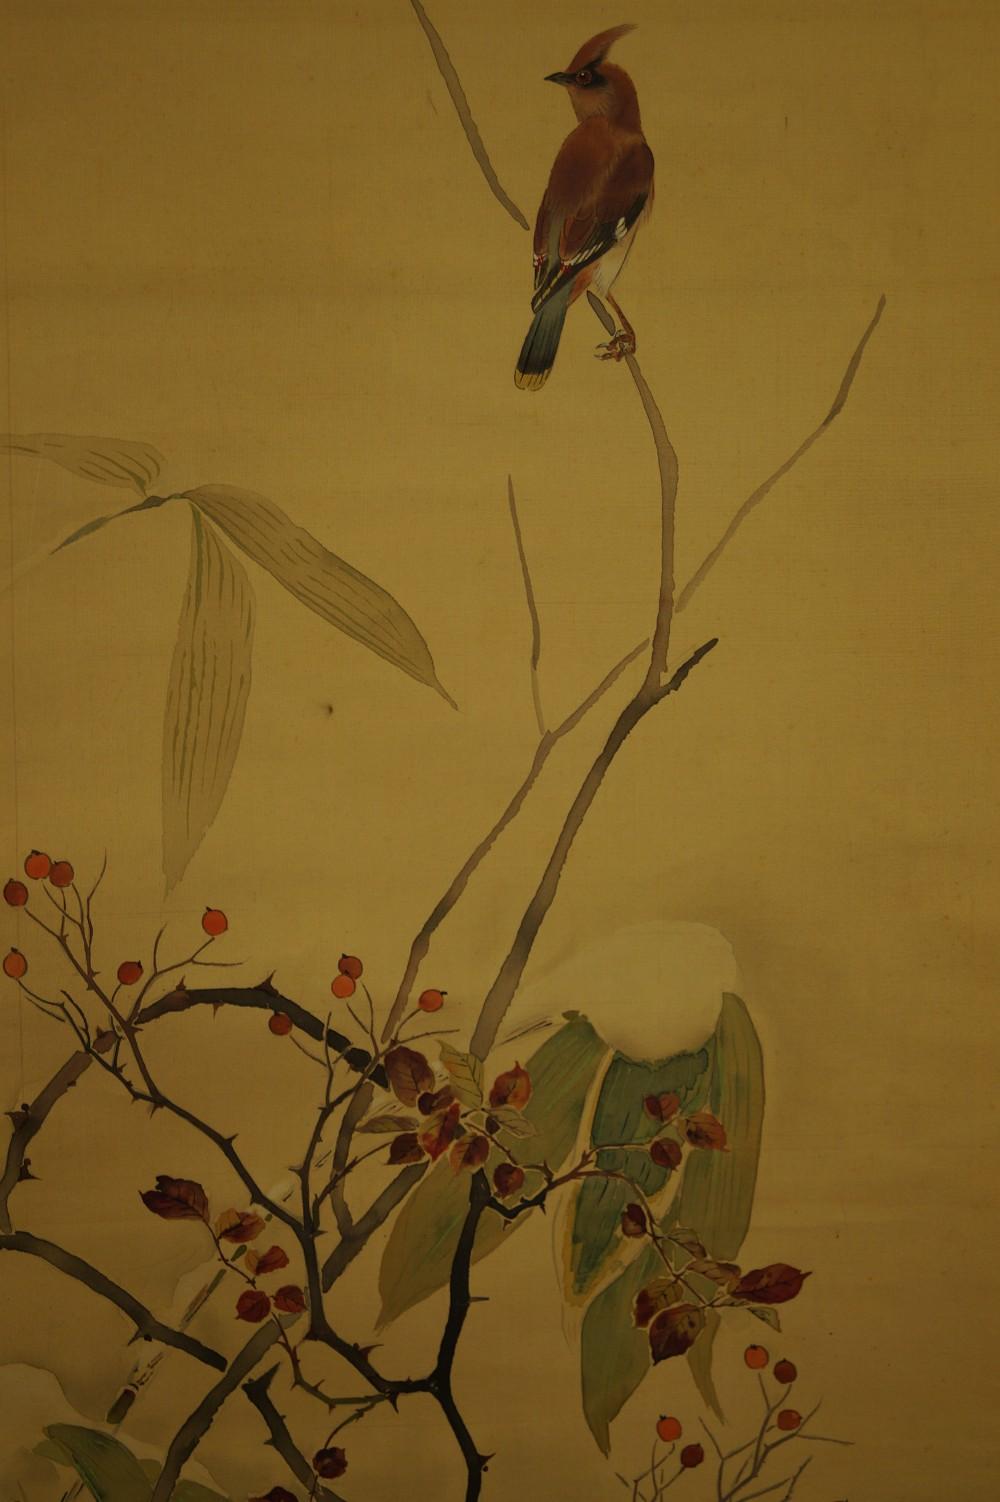 Beeren im Schnee - Japanisches Rollbild (Kakejiku, Kakemono)